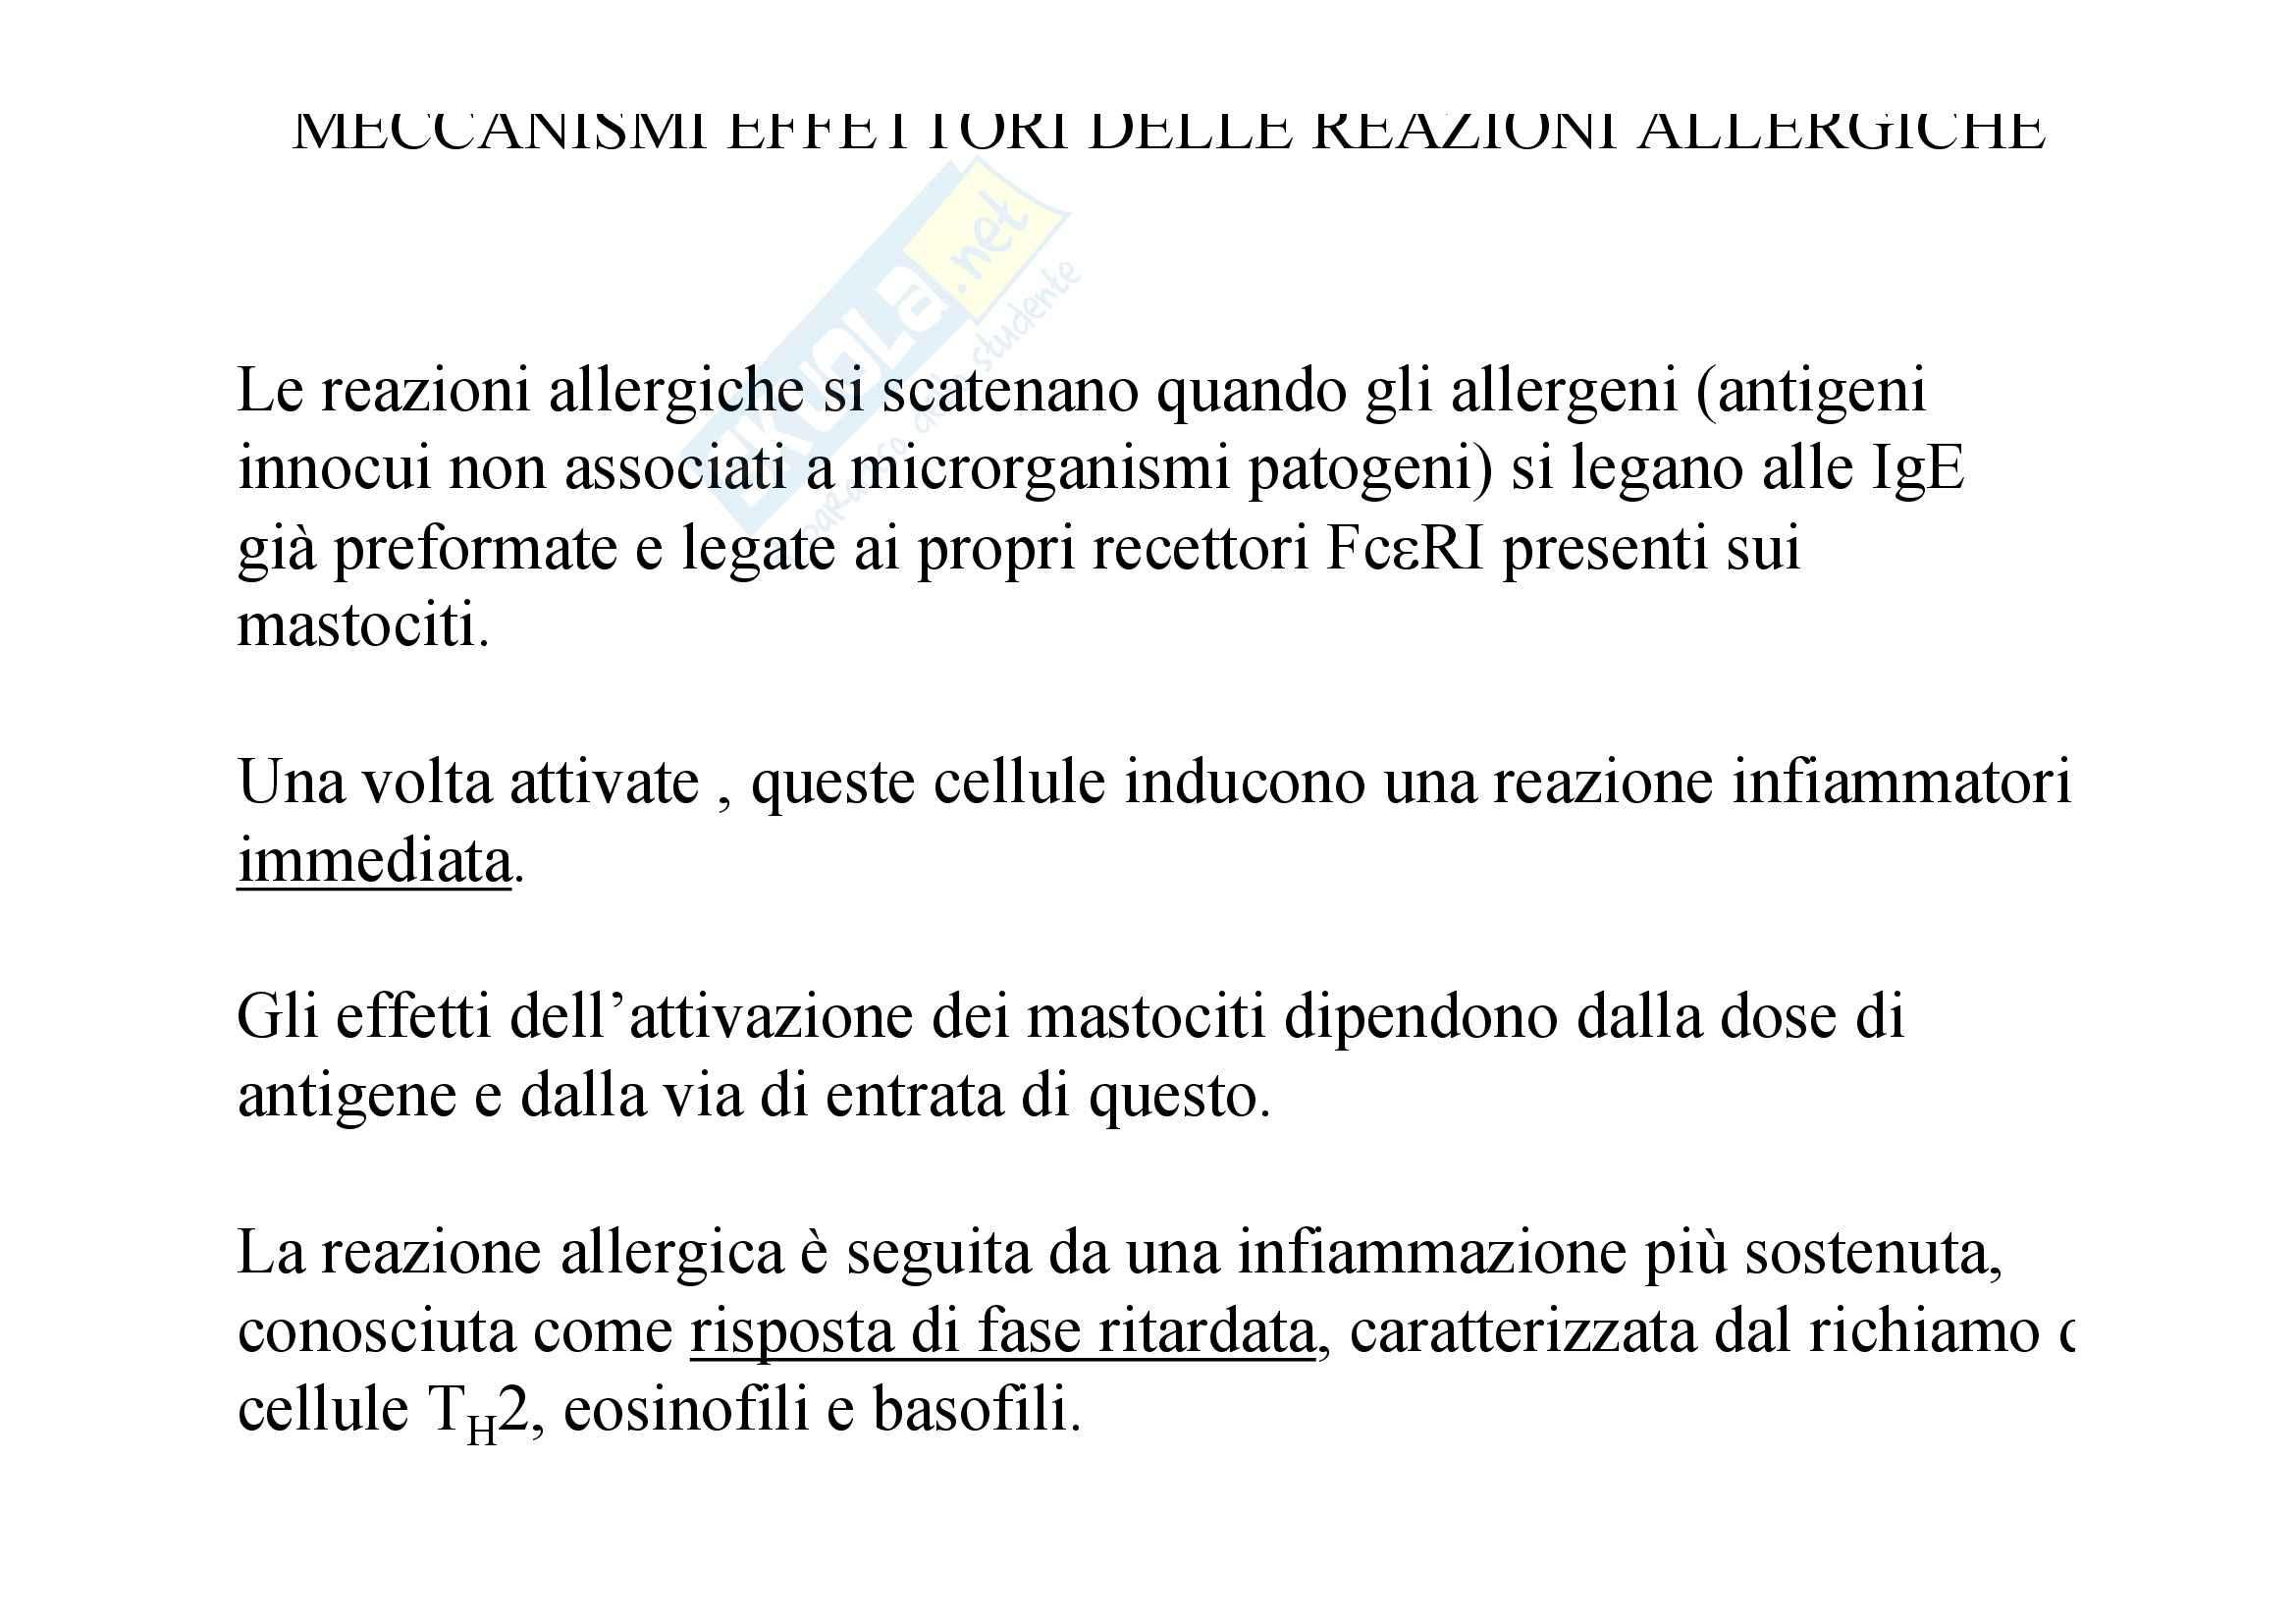 Immunologia - meccanismi allergie